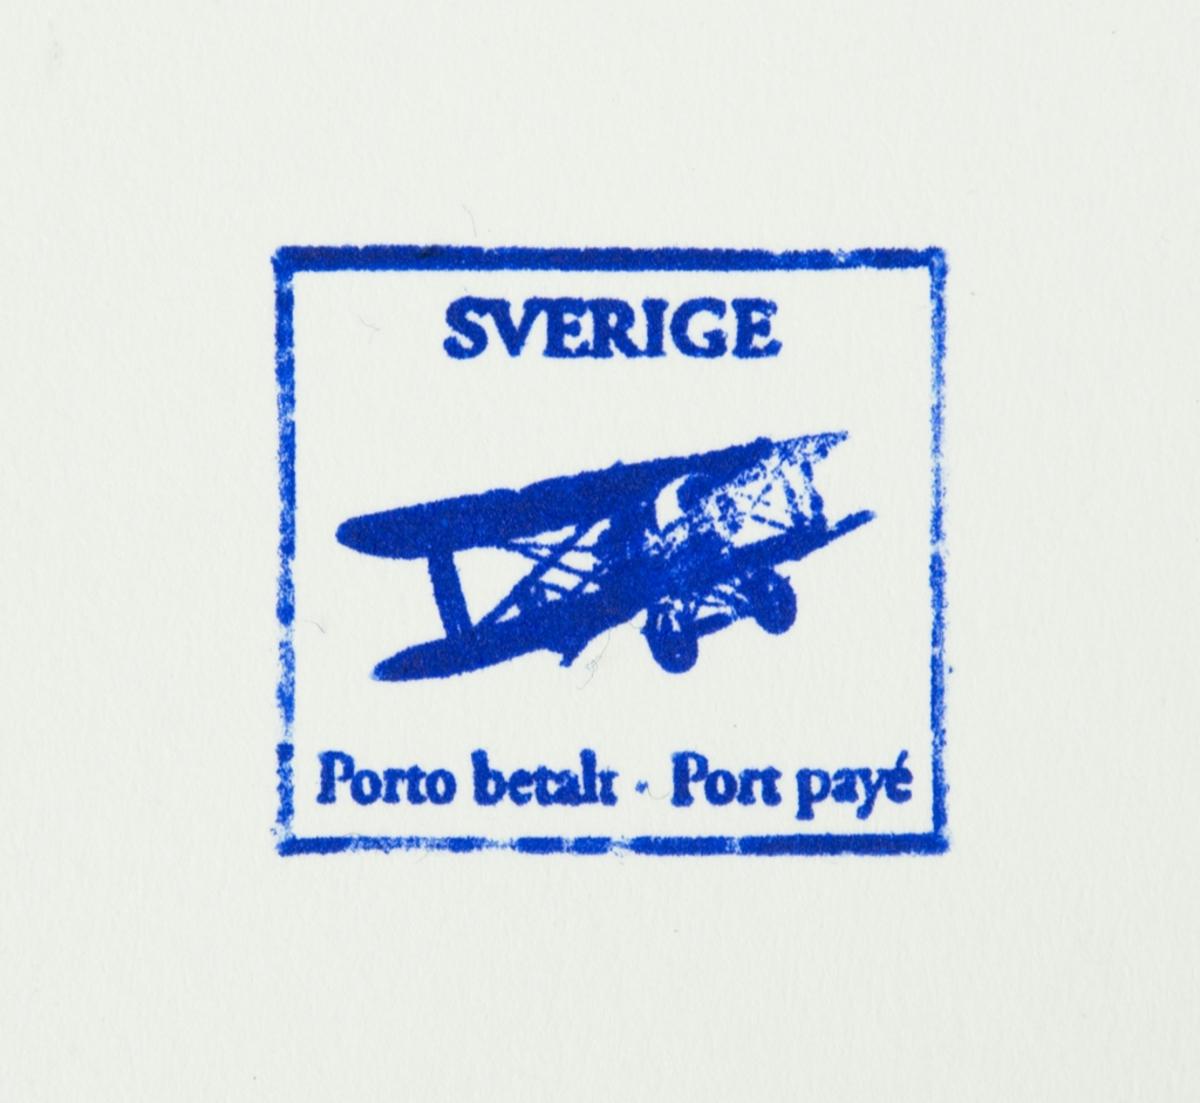 Stämpel med ett skyddslock. Stämpeltext: SVERIGE (ett flygplan) Porto betalt Port payé